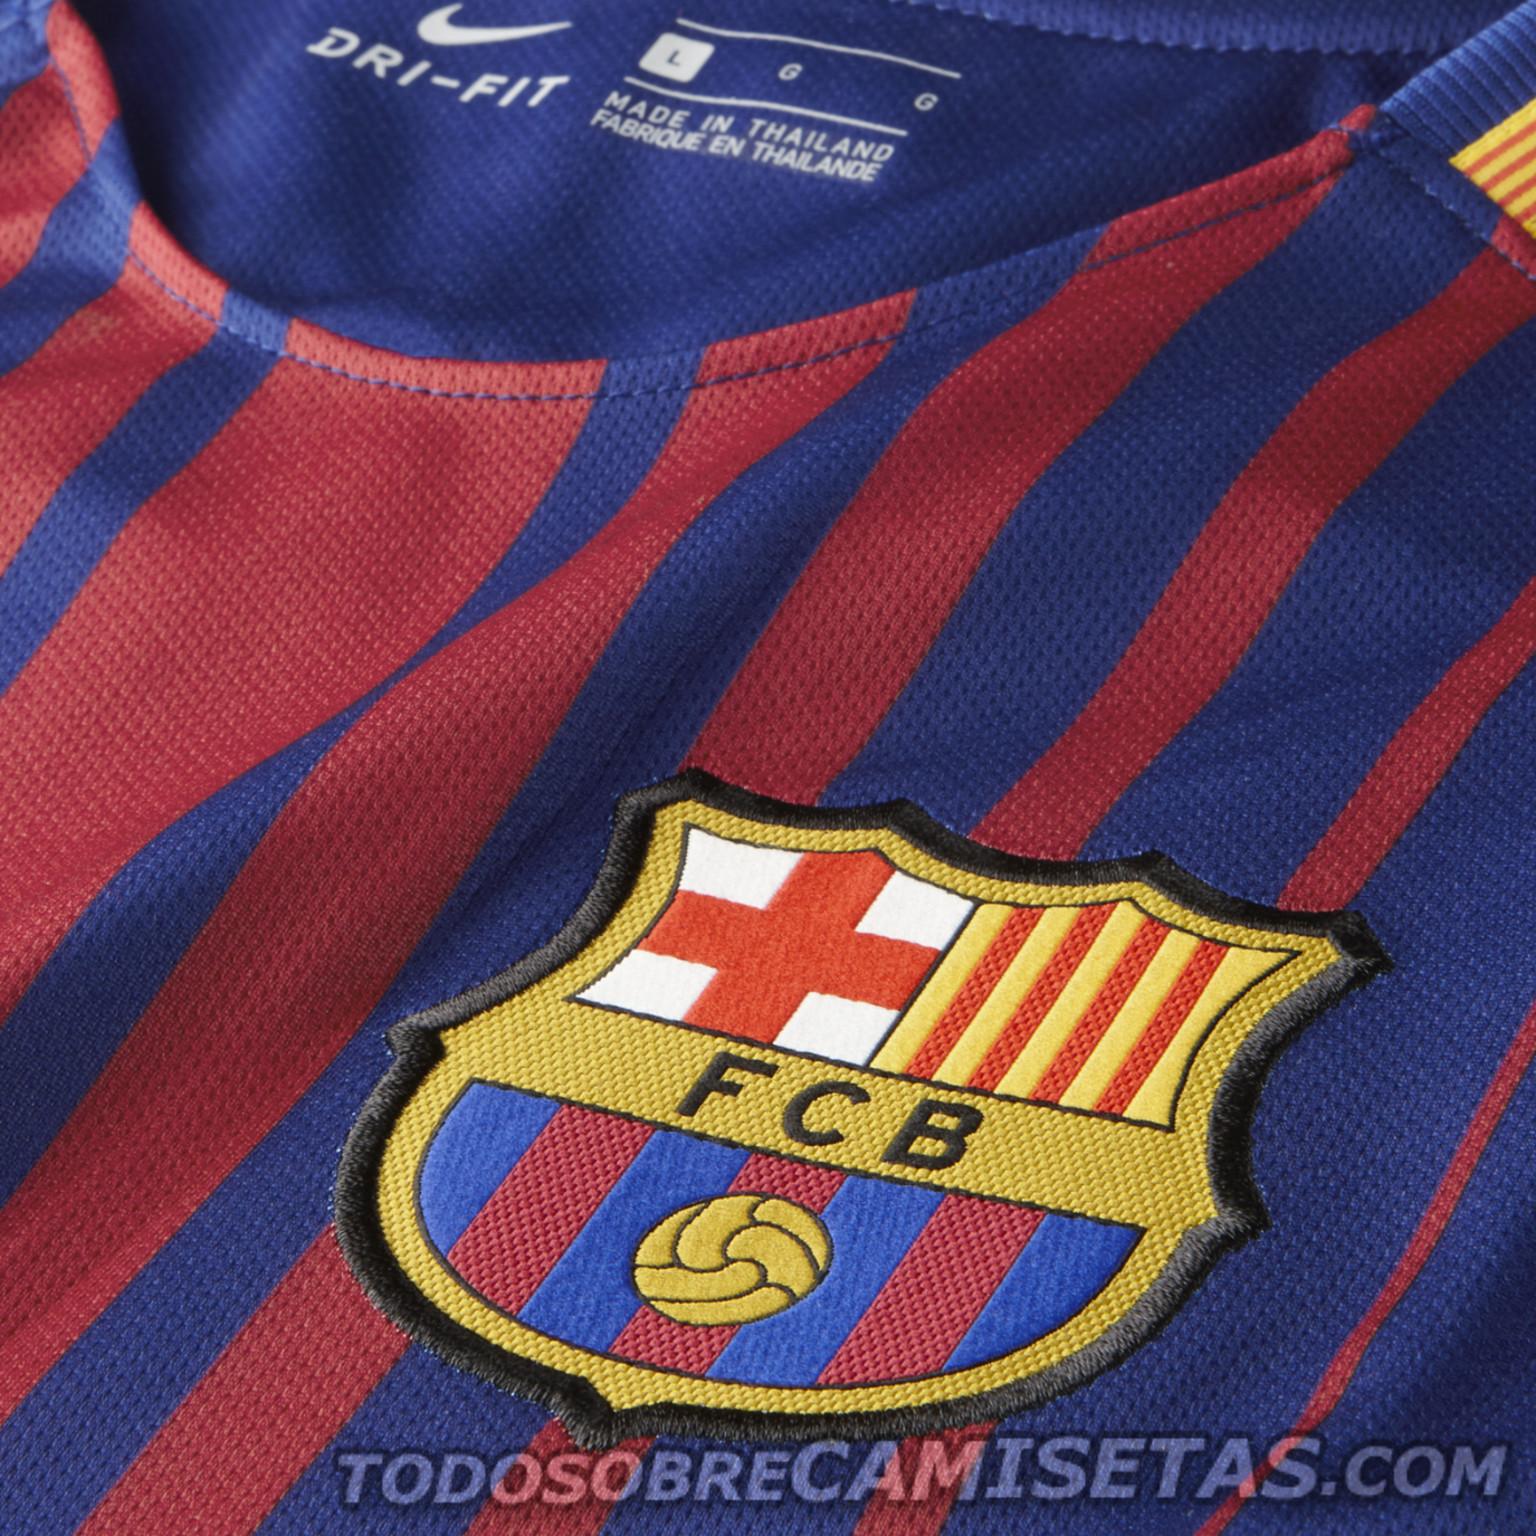 Barcelona Logo 3d Wallpaper Equipaci 243 N Nike De Fc Barcelona 2017 18 Todo Sobre Camisetas